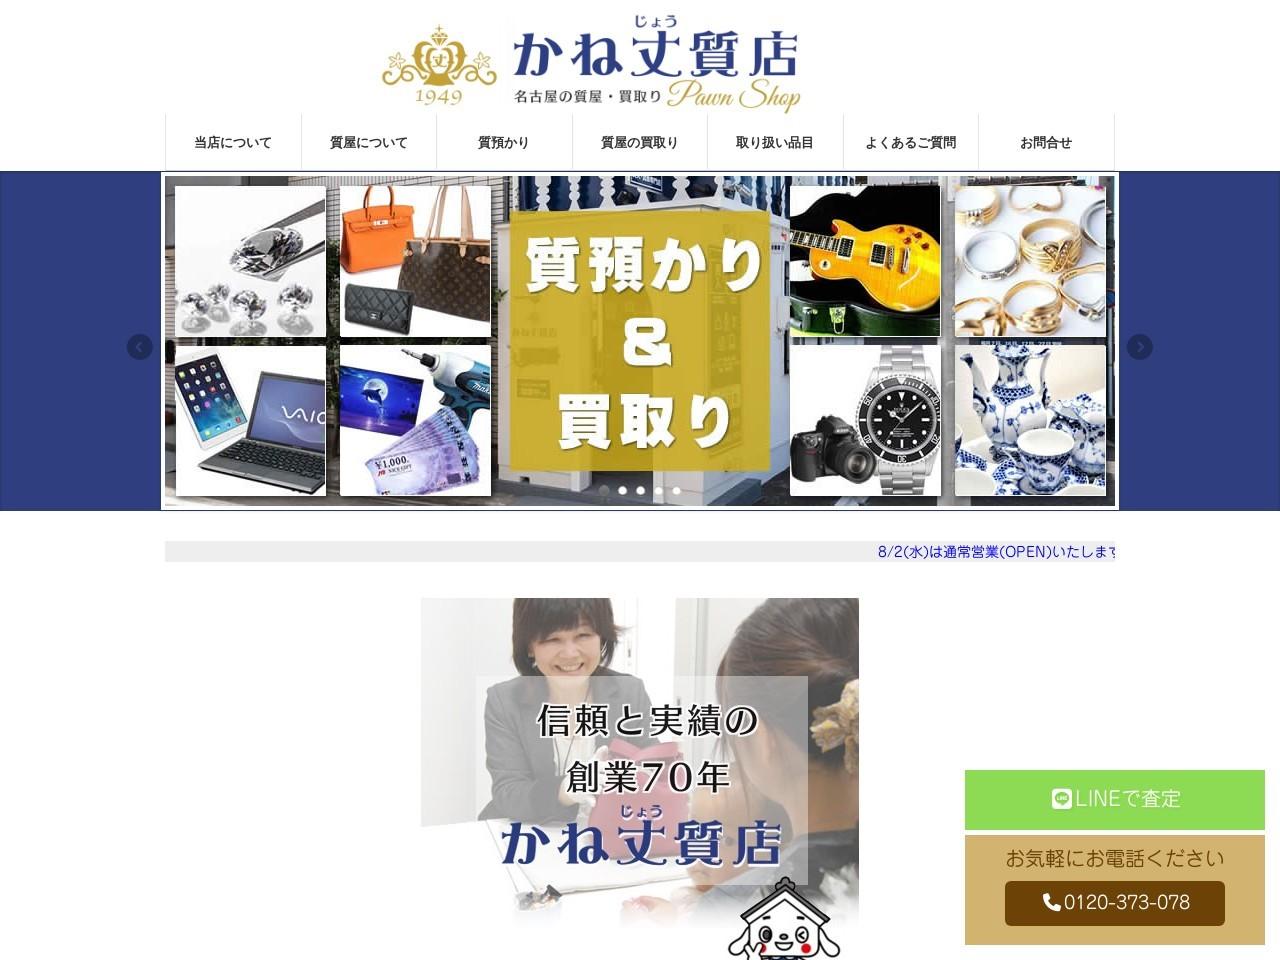 名古屋市南区の質屋 かね丈質店。ブランド/時計/宝石/金/楽器の高価買取りもお任せ下さい!